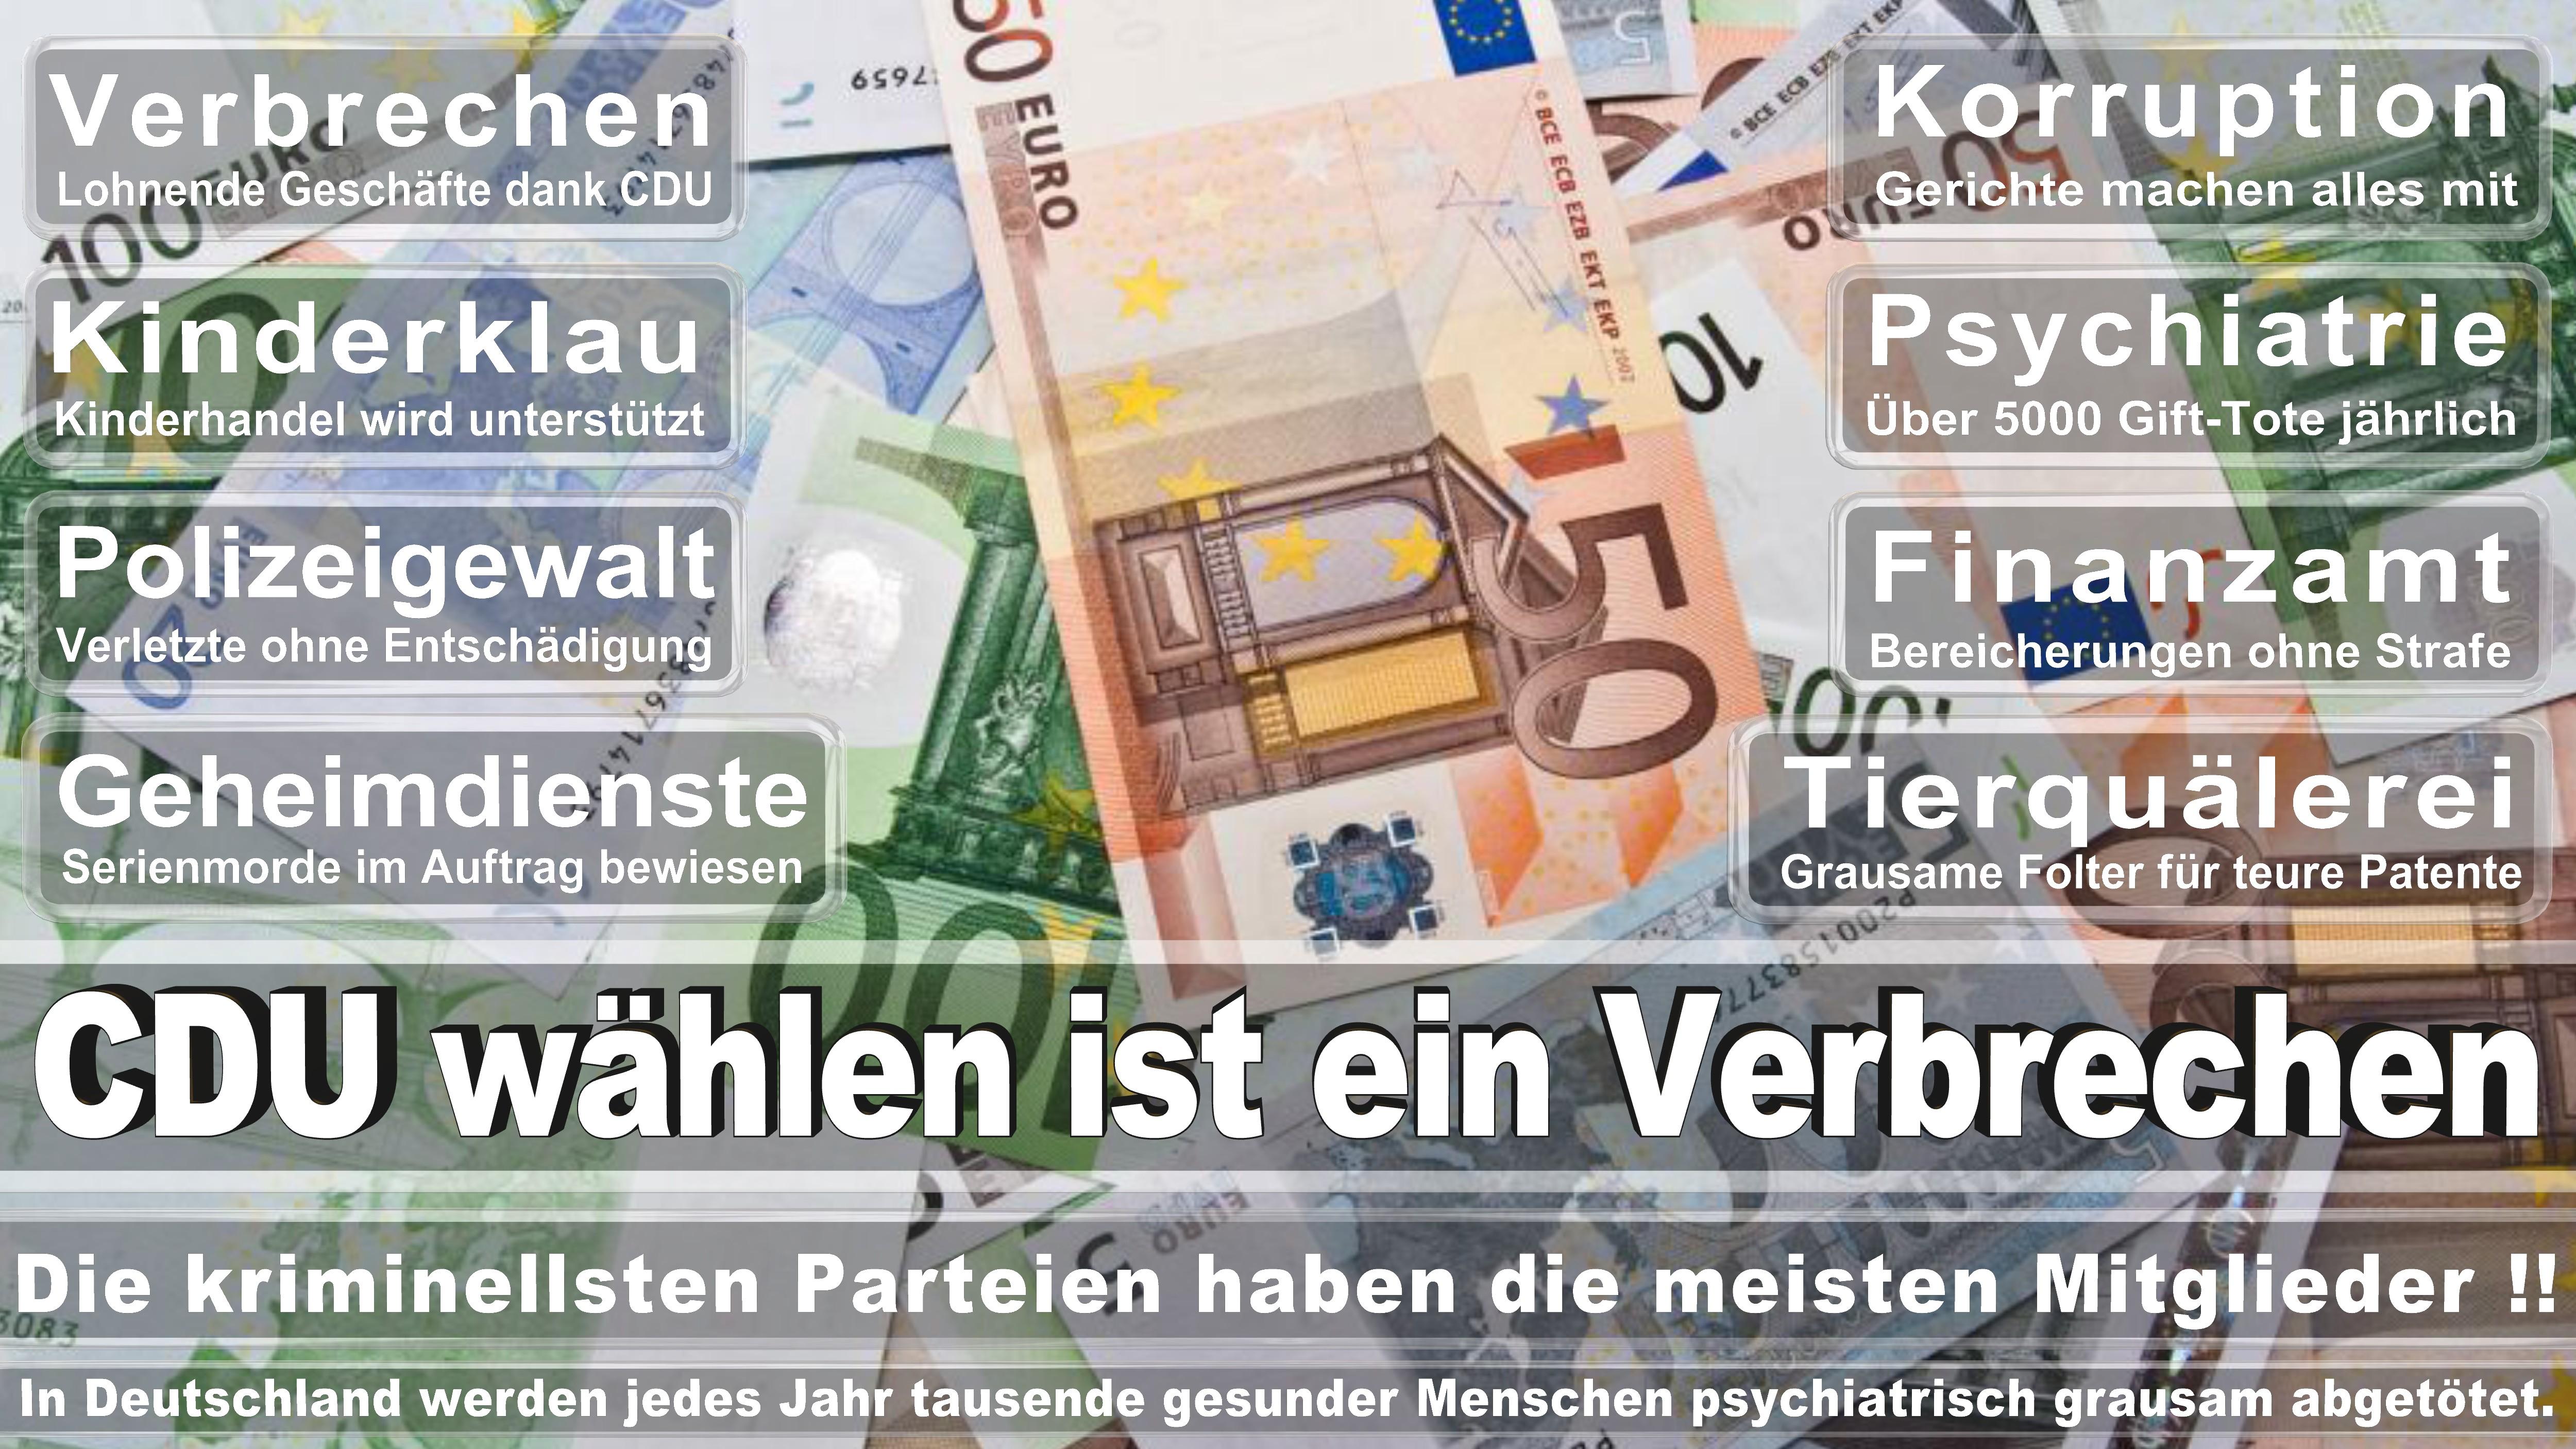 Staatsministerin Bei Der Bundeskanzlerin Und Beauftragte Der Bundesregierung Für CDU CSU Politiker